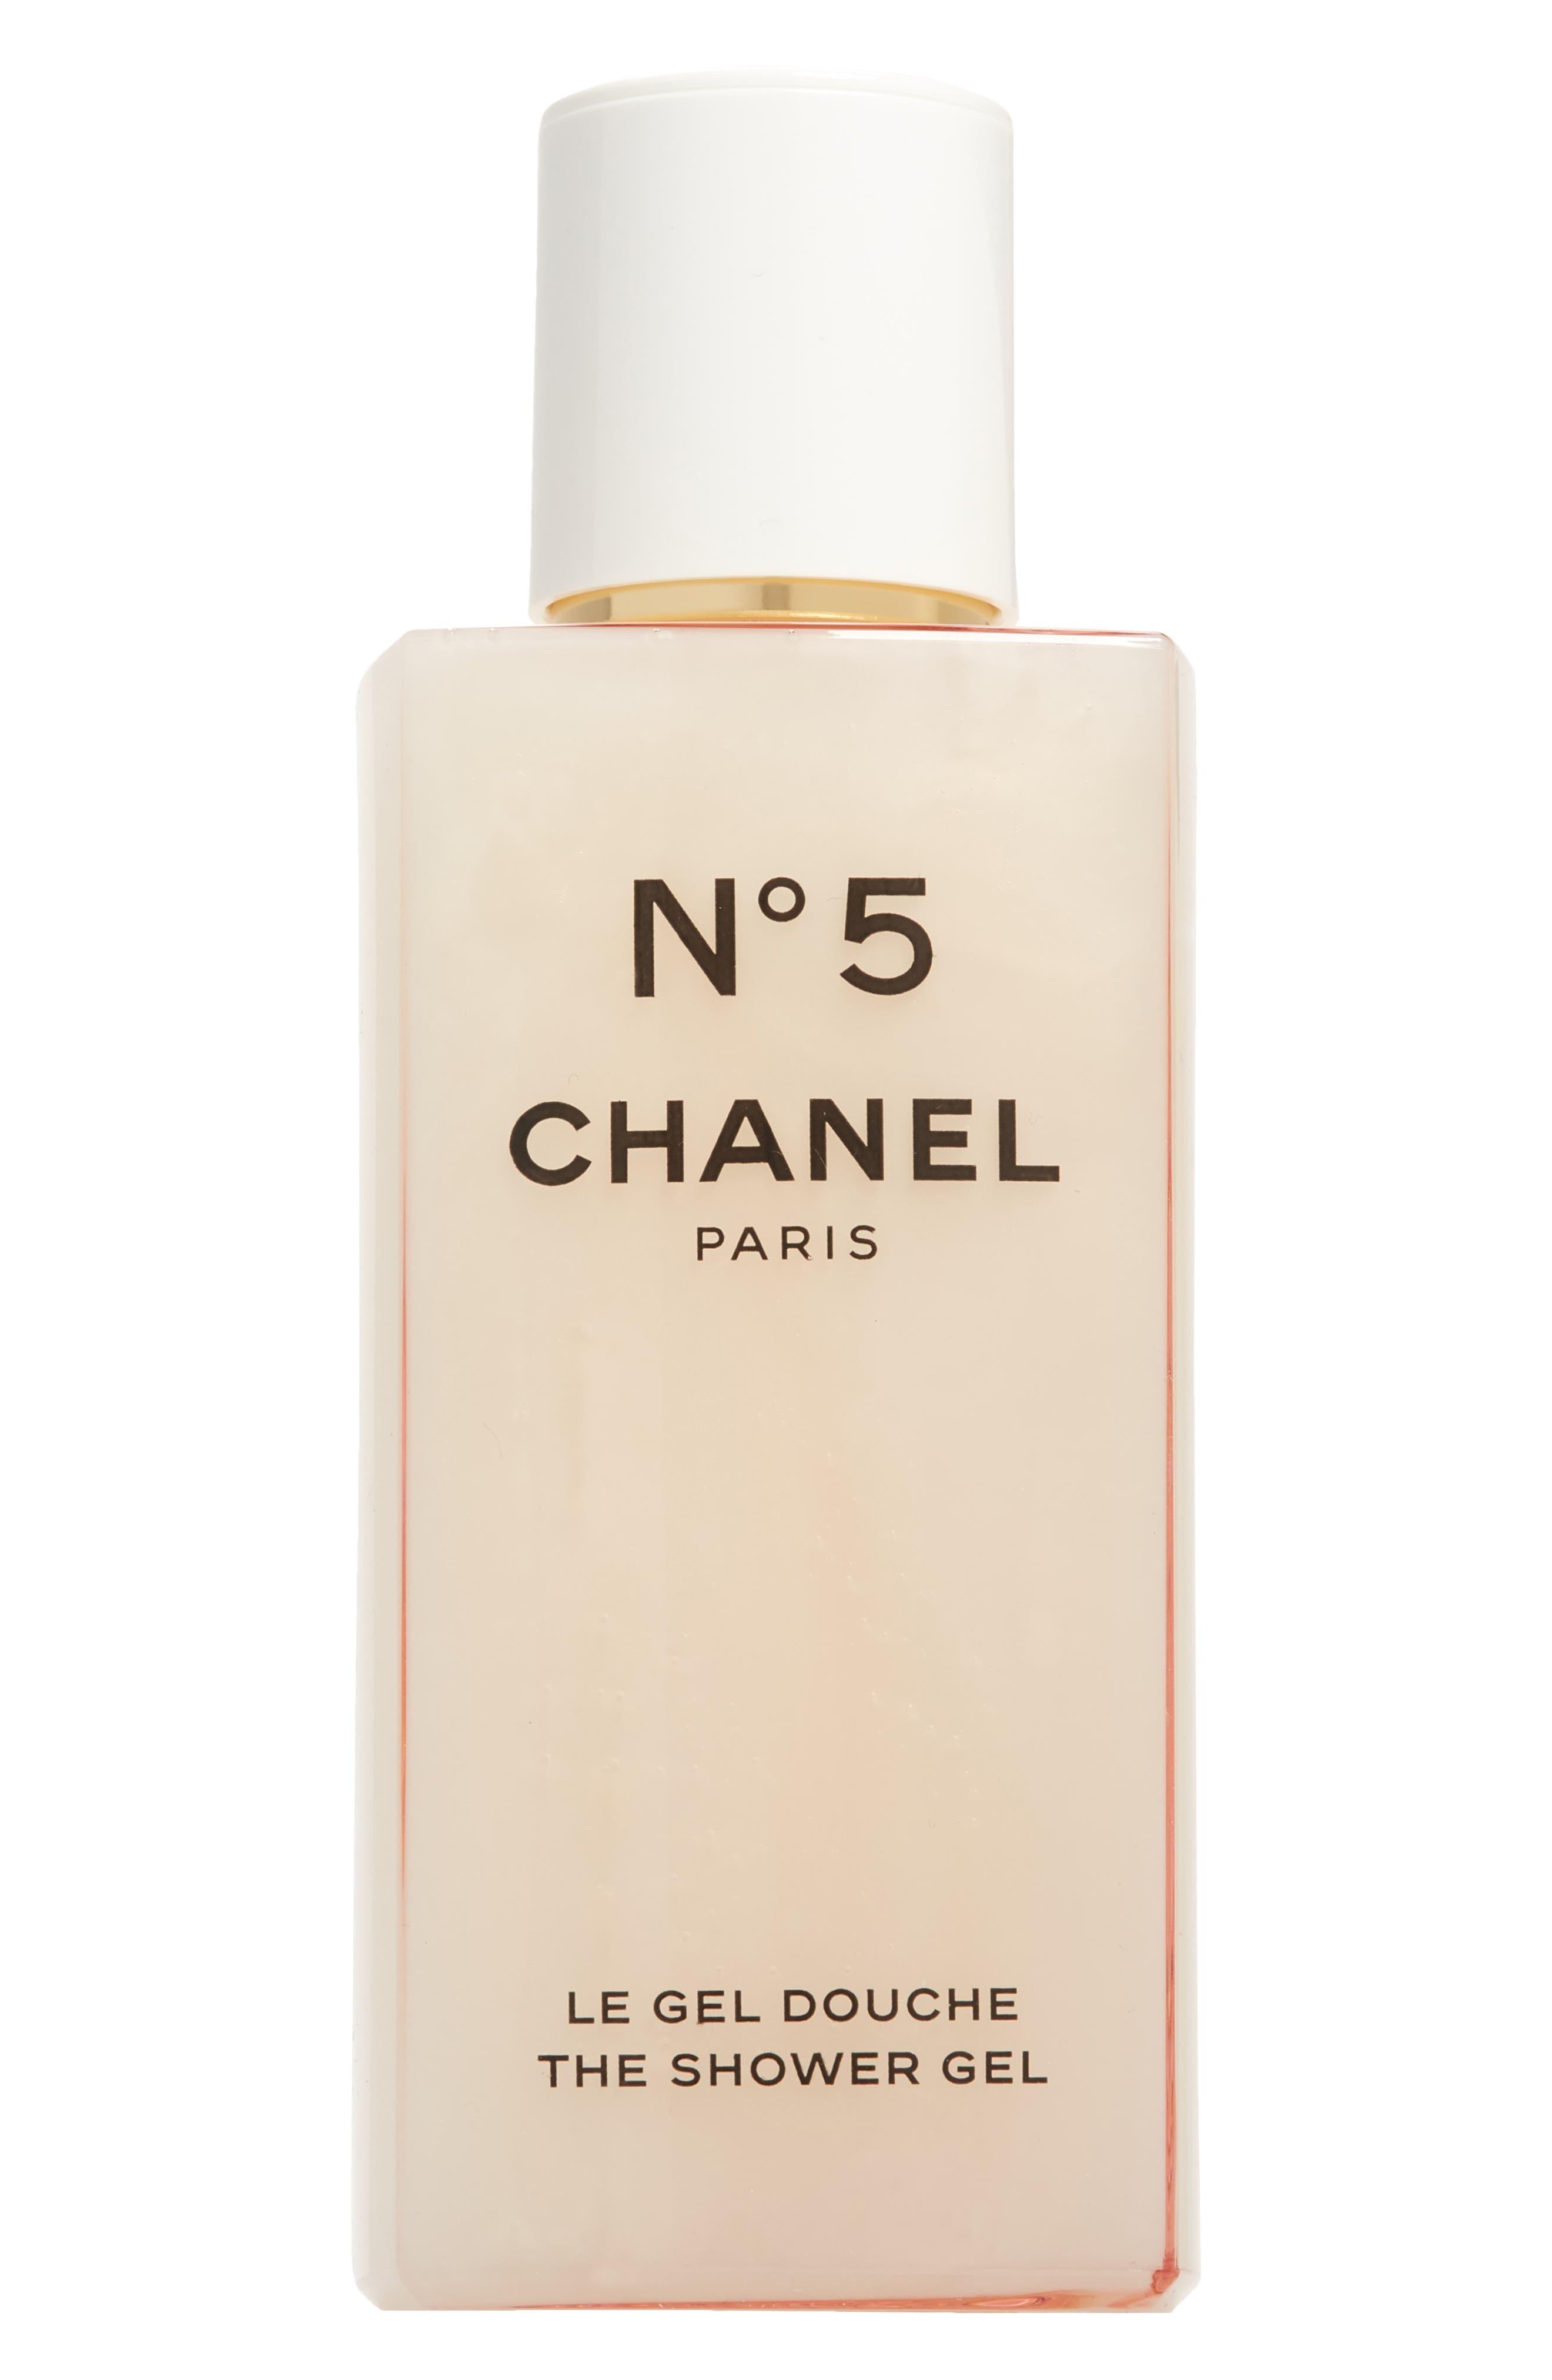 CHANEL N°5 The Shower Gel | Nordstrom